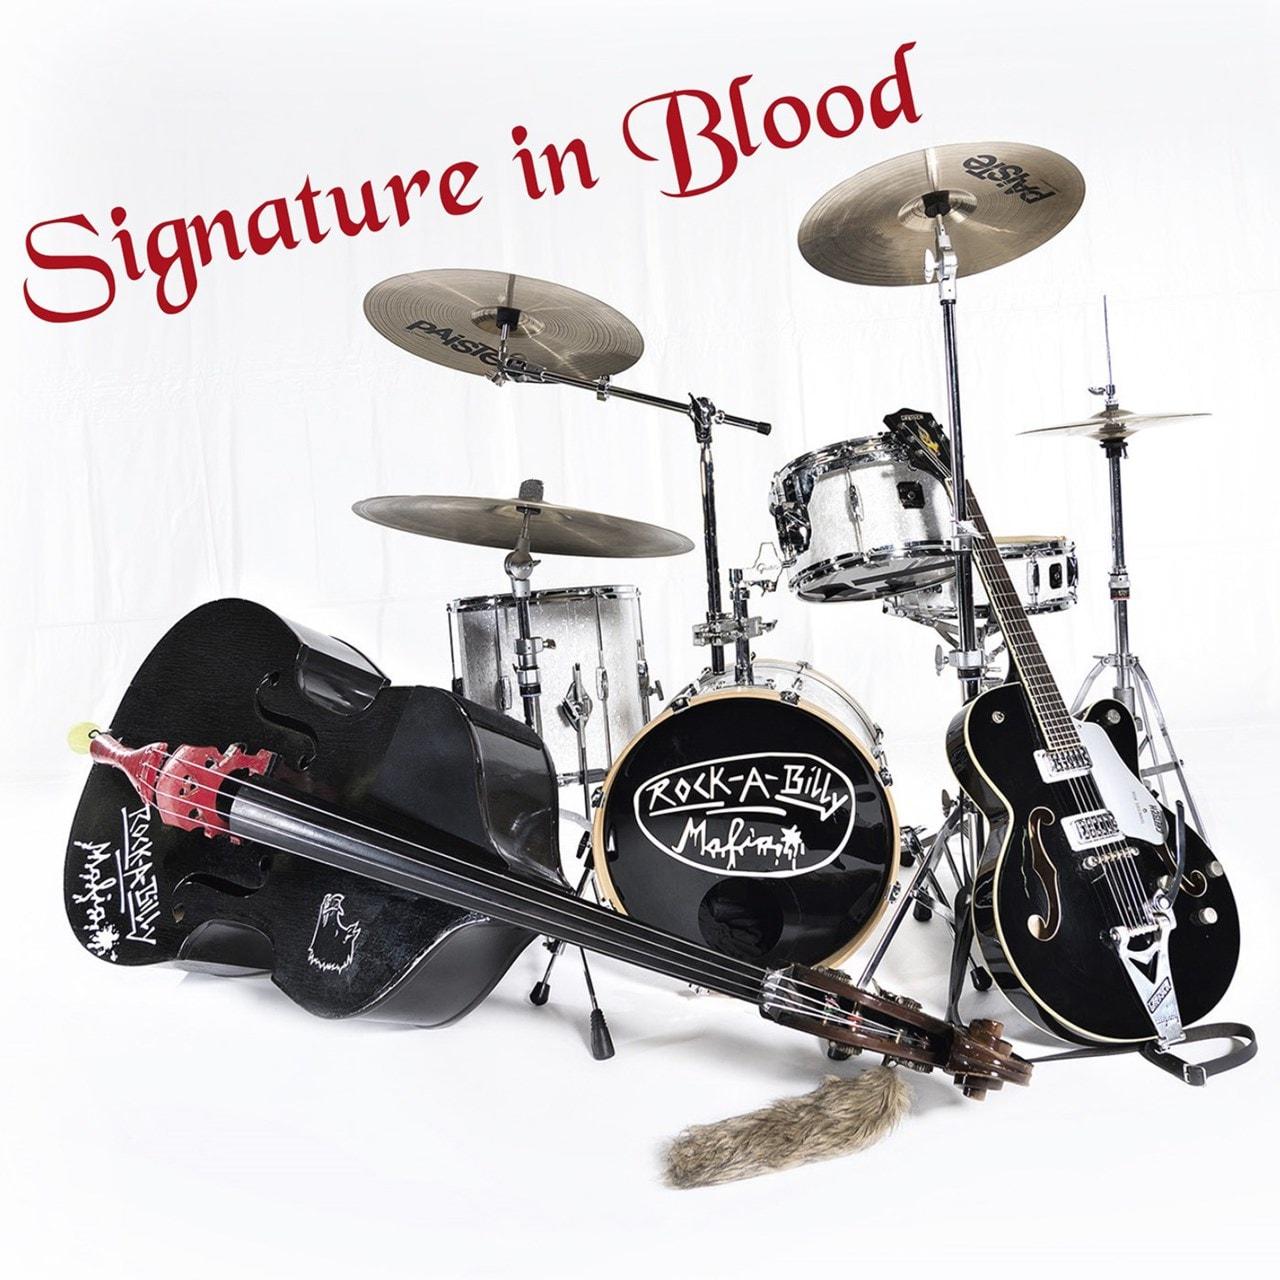 Signature in Blood - 1